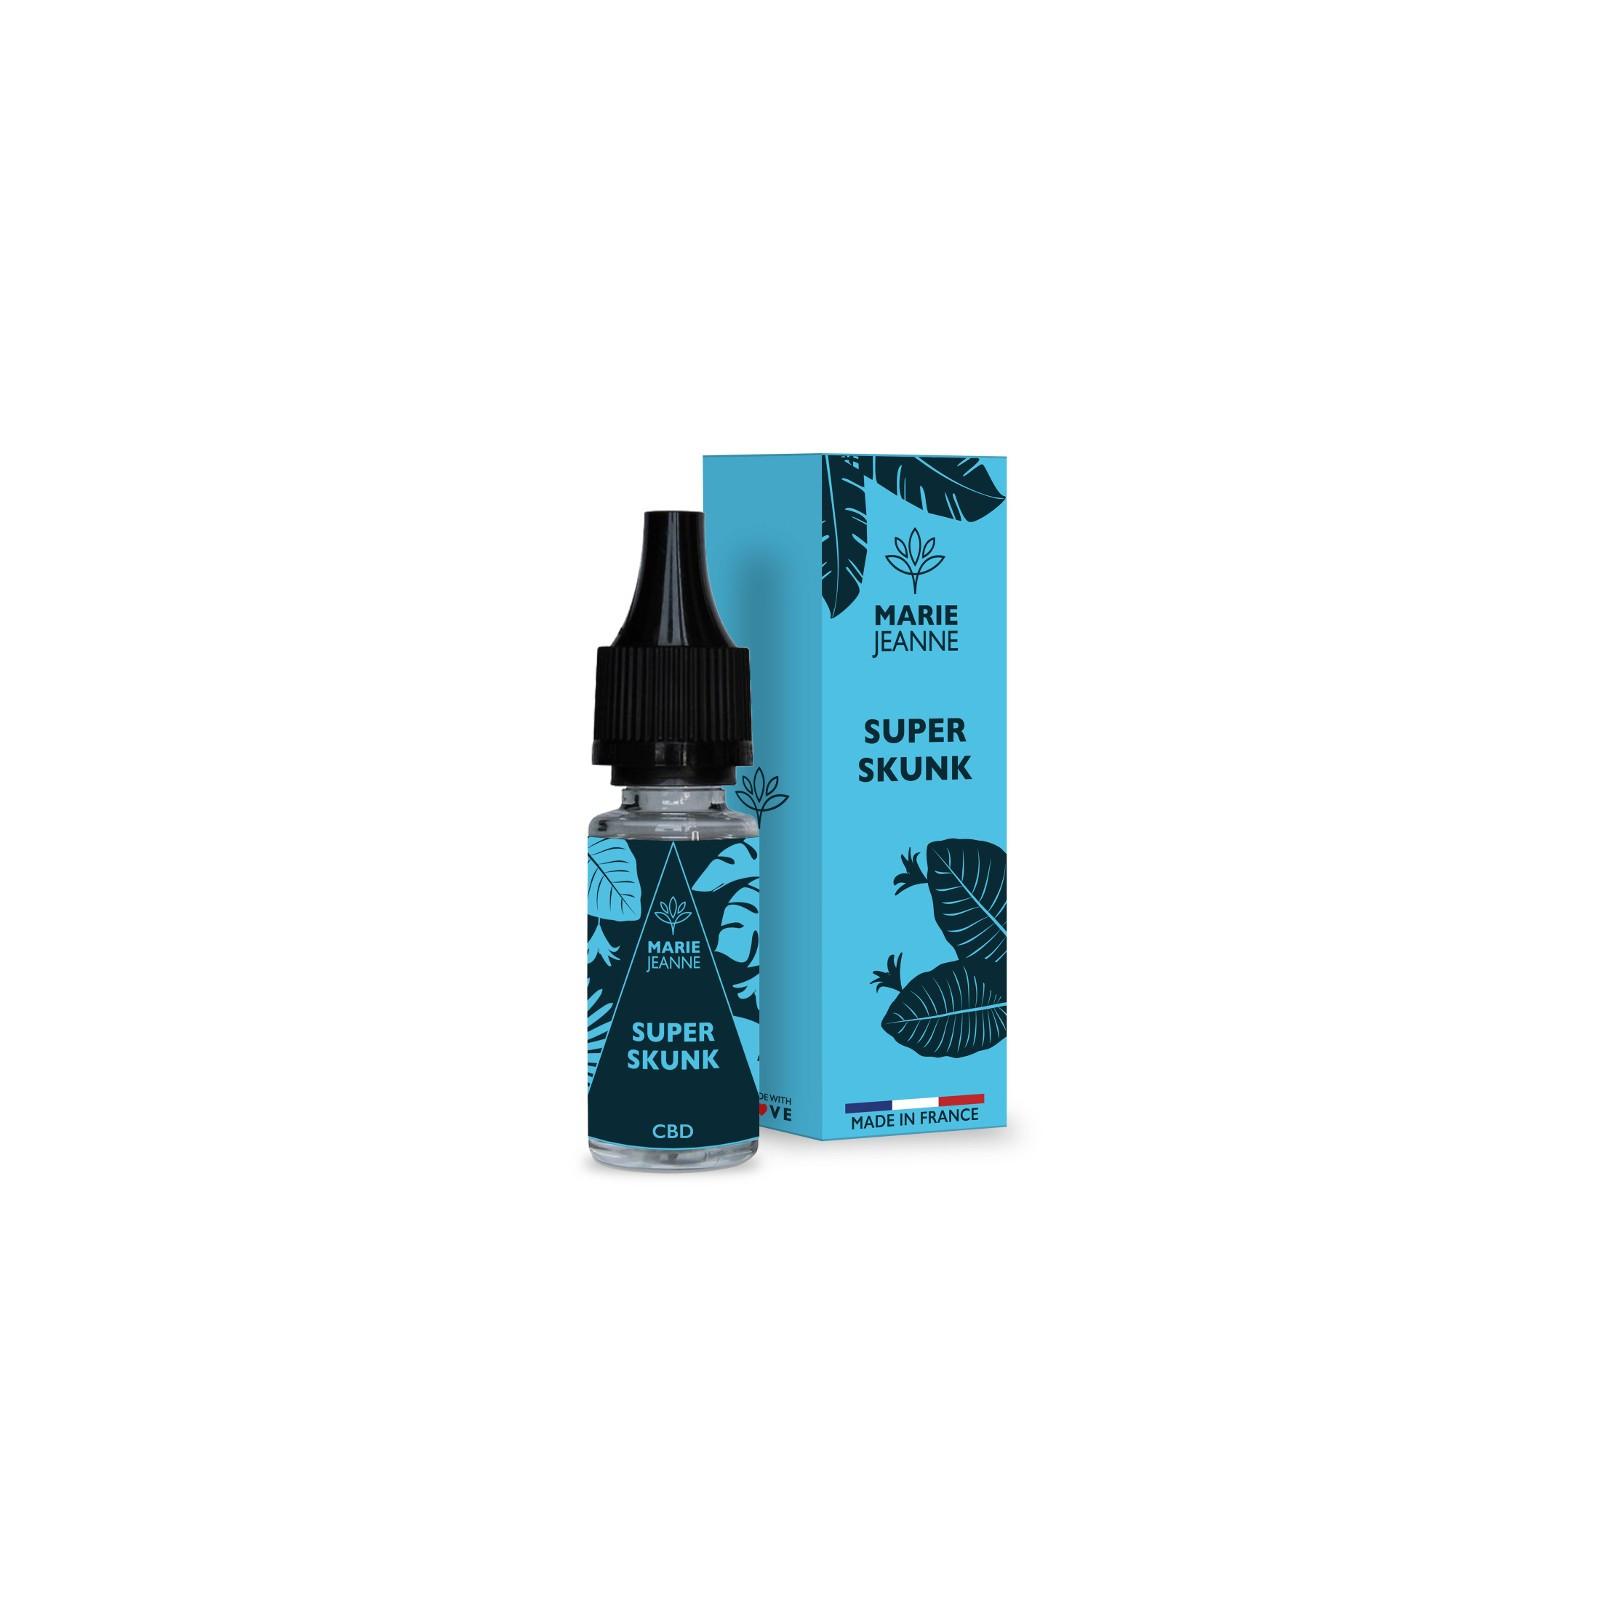 Super Skunk - Marie Jeanne